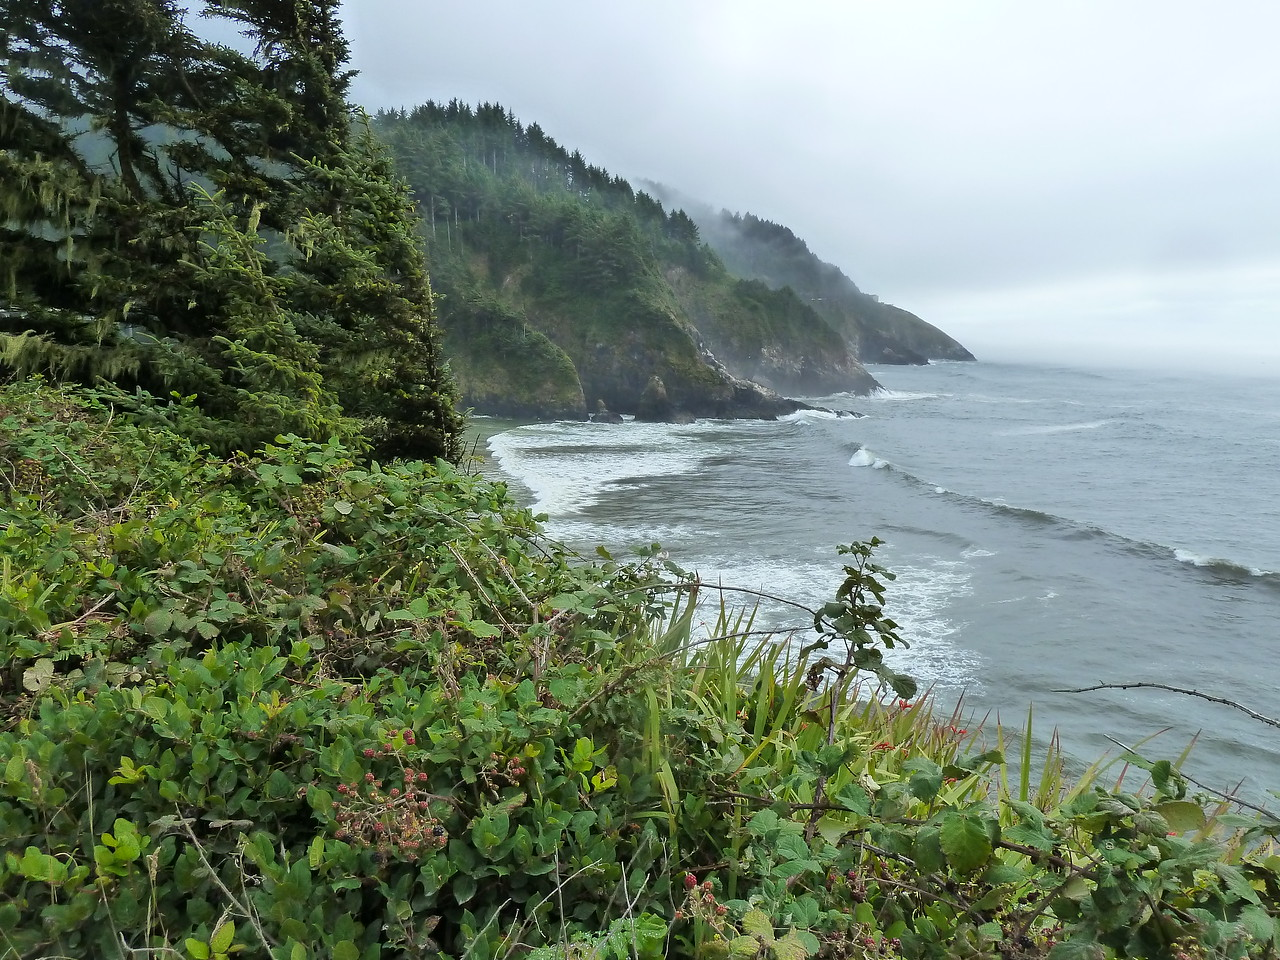 More Oregon Coast!